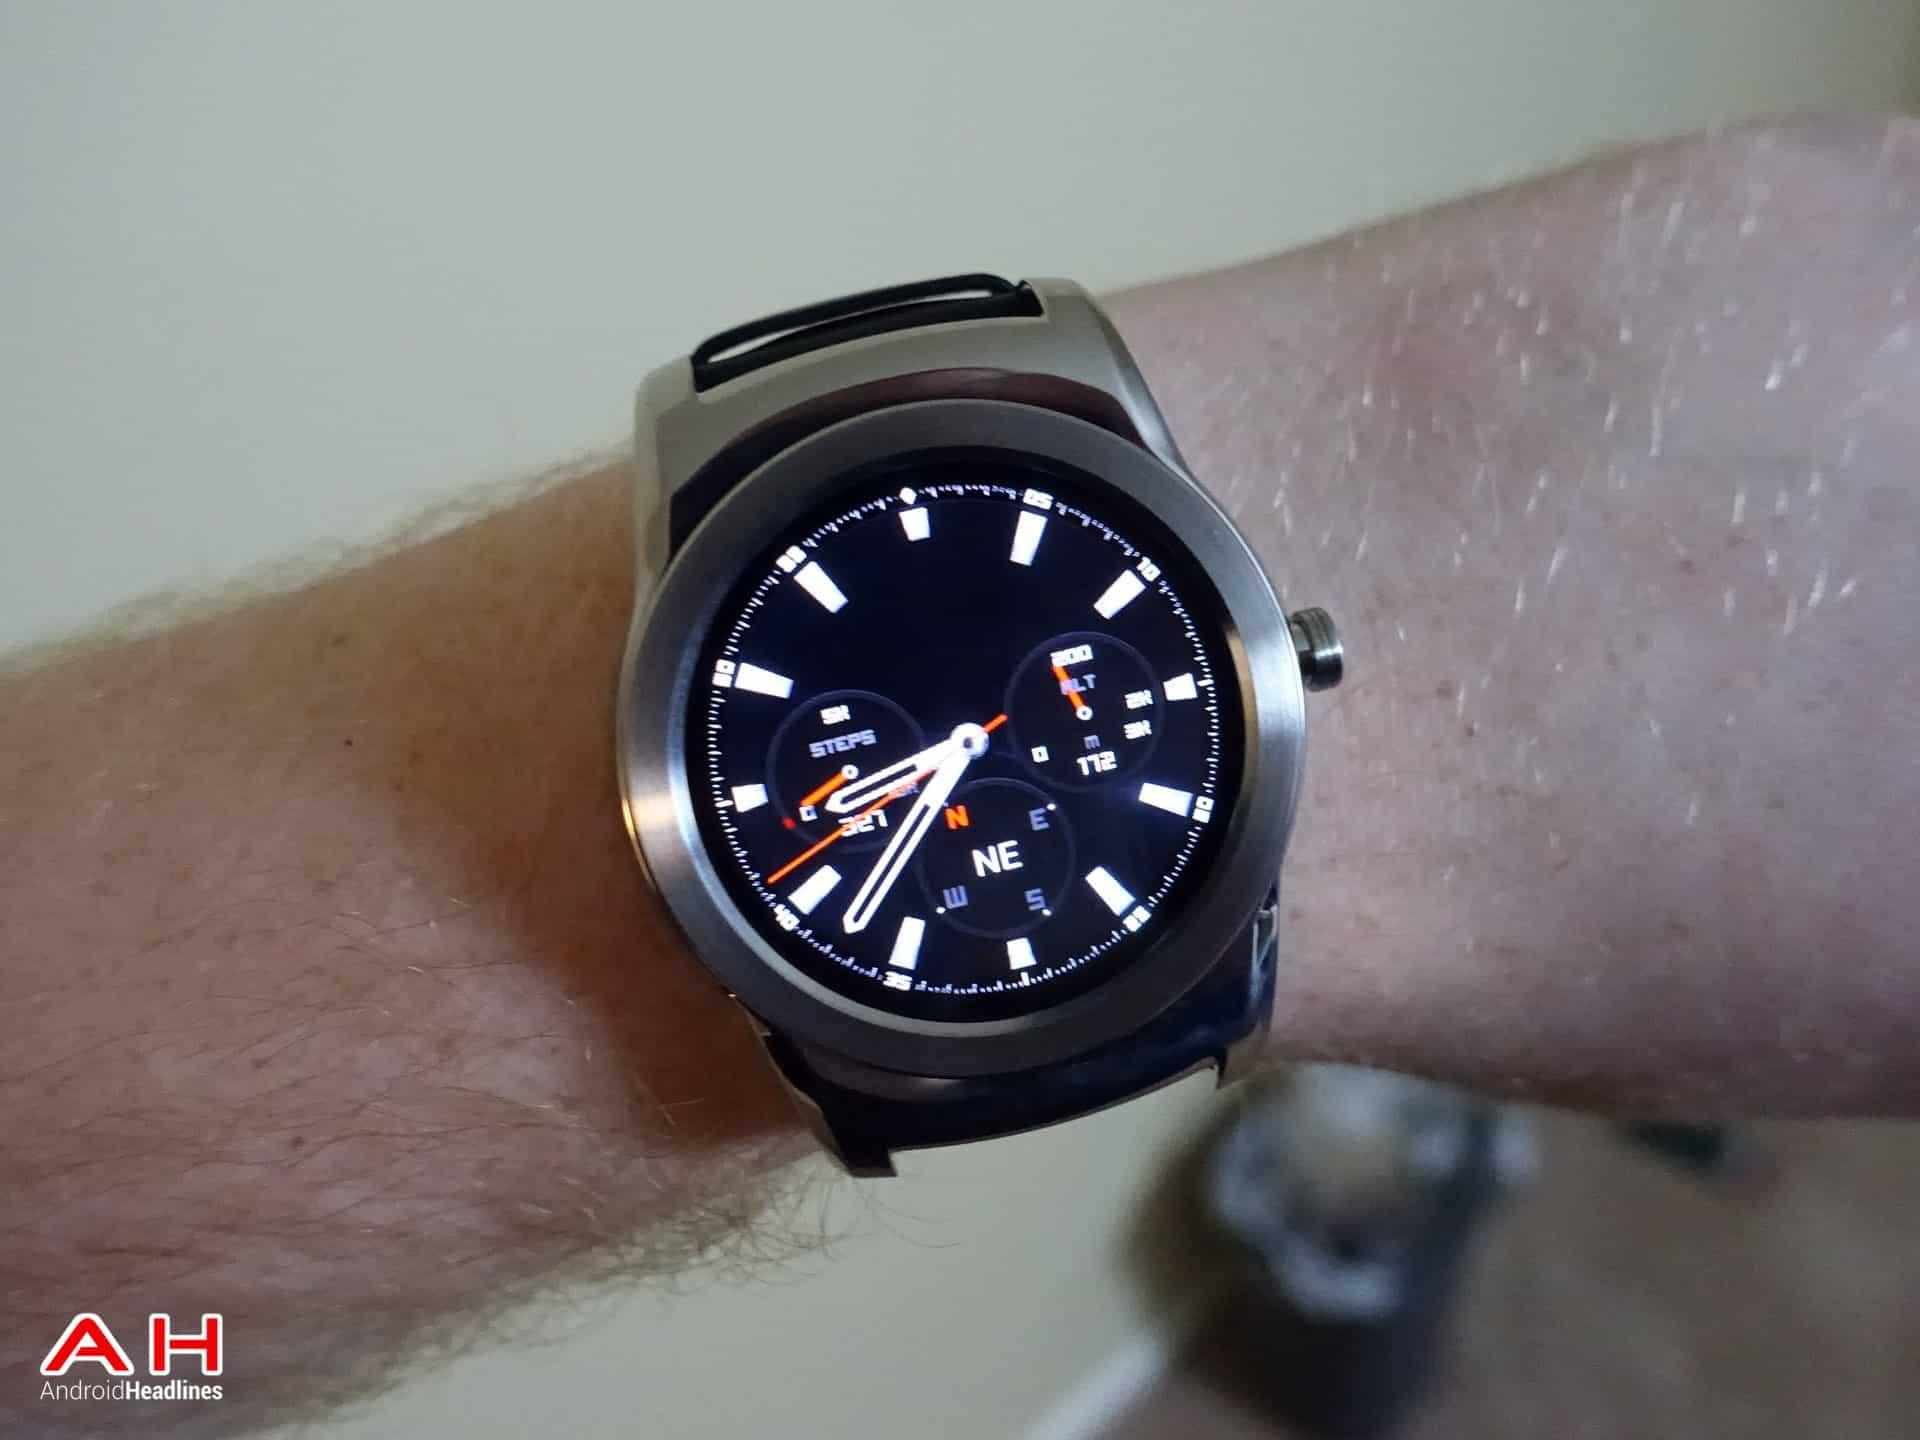 LG-Watch-Urbane-AH-4